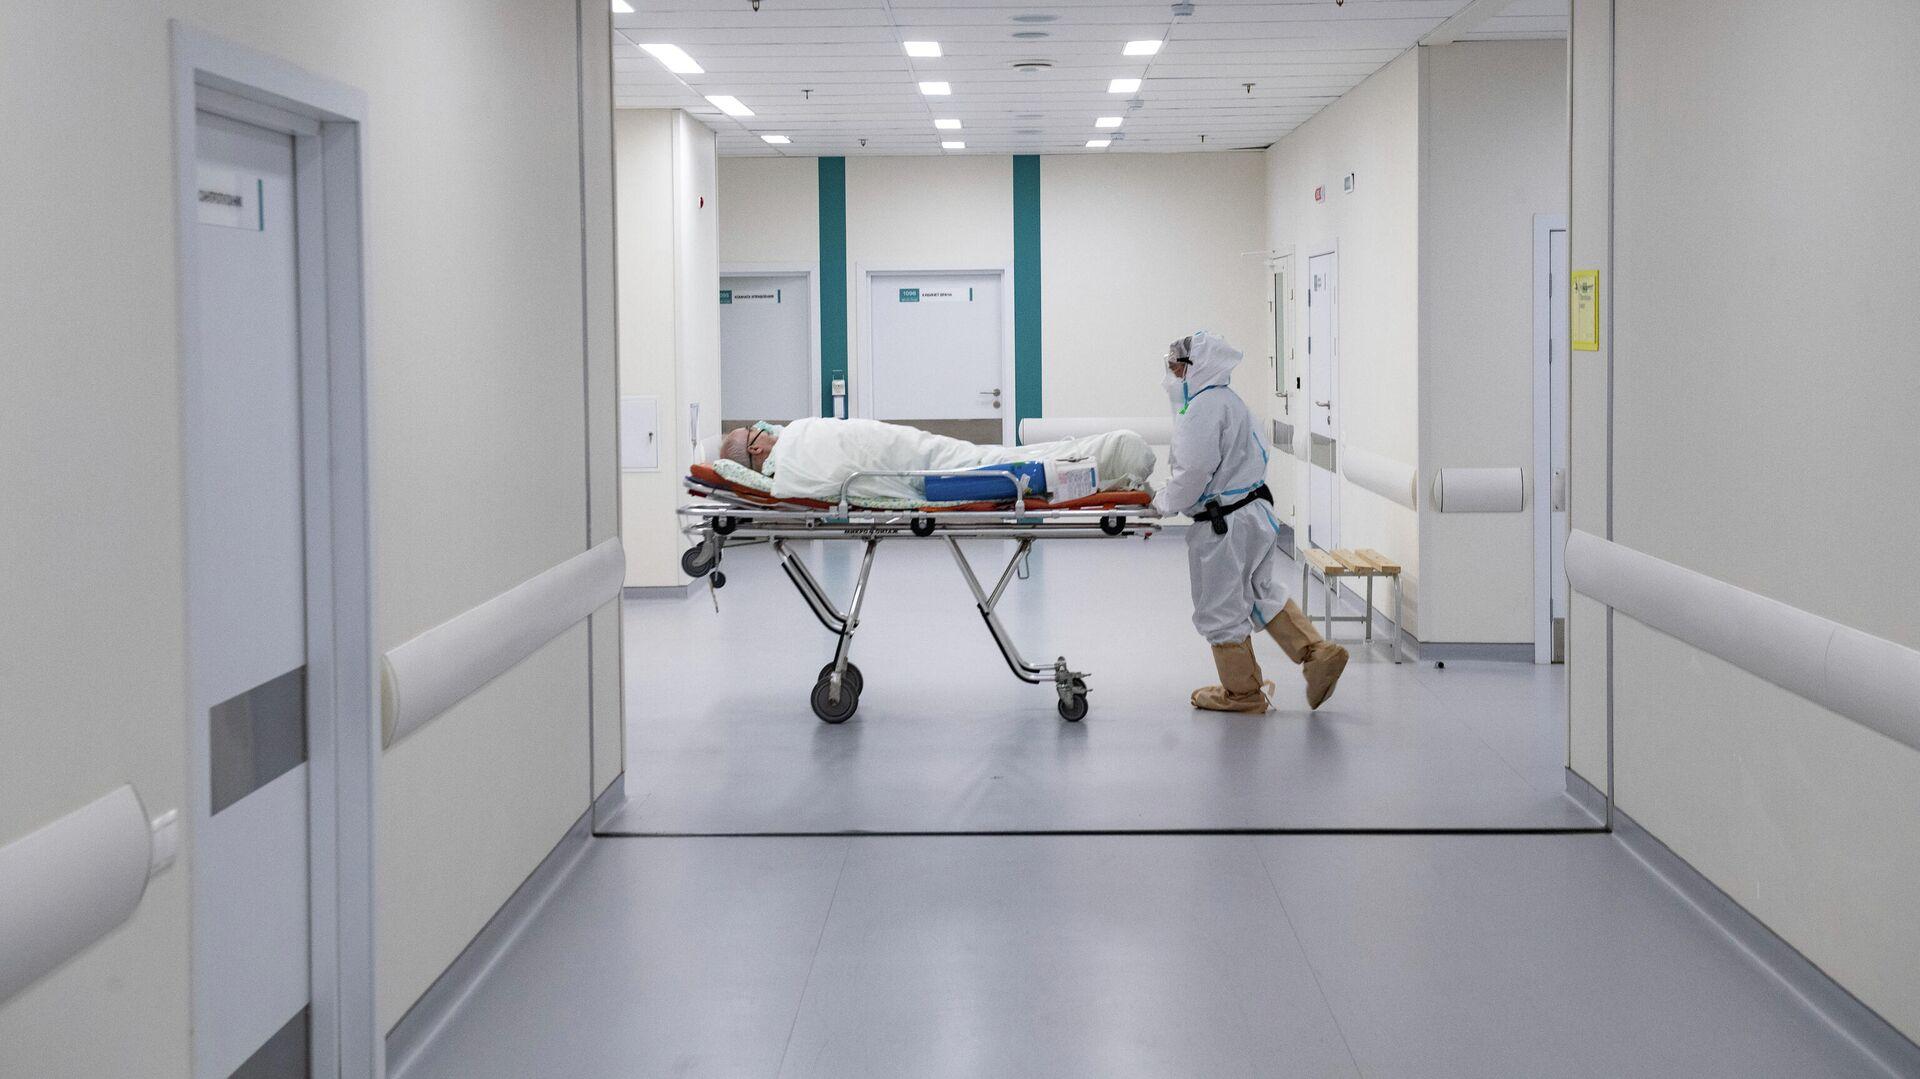 Врач перевозит пациента в городской клинической больнице №40 в Москве - РИА Новости, 1920, 03.03.2021